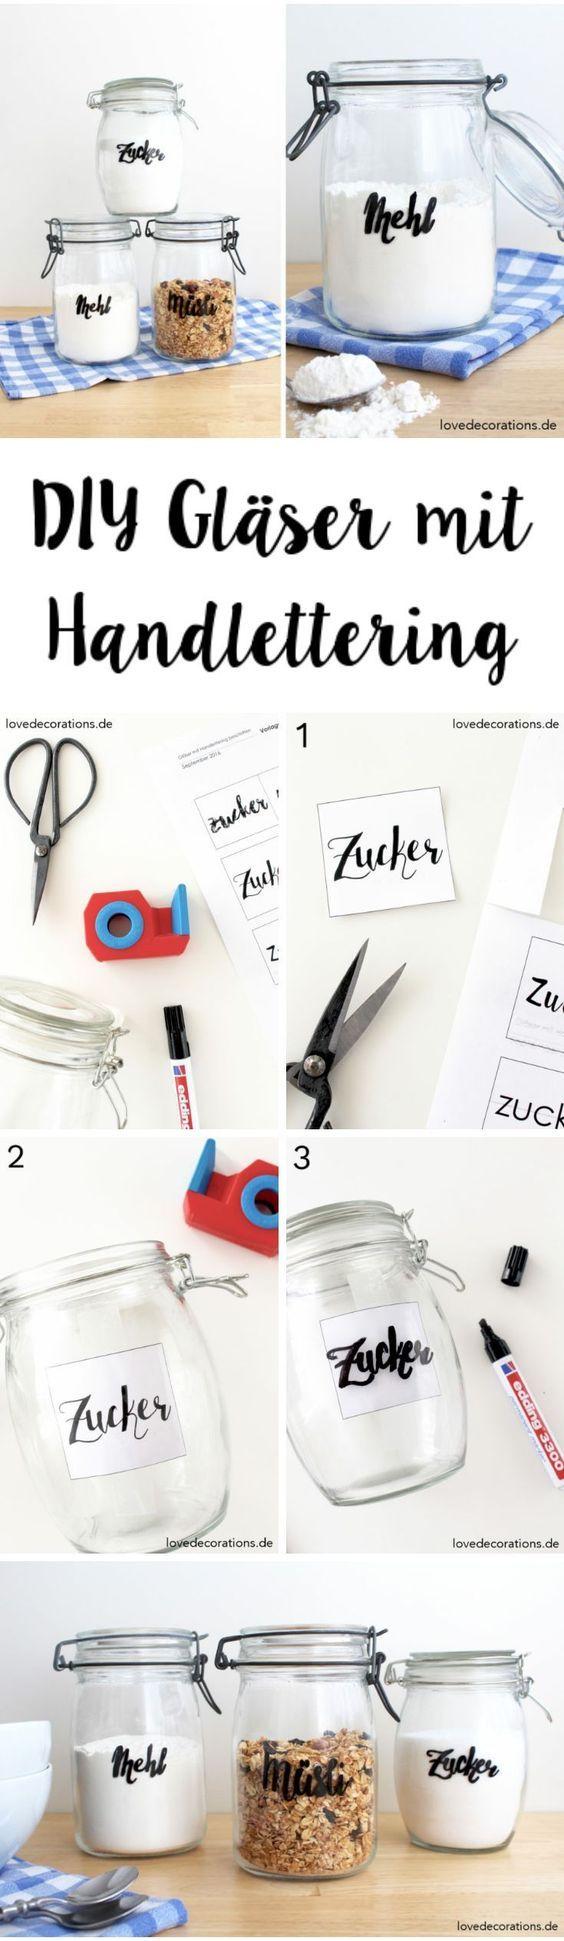 DIY Gläser mit Handlettering beschriften und ein bisschen von den Anfängen meines Bloggerlebens – Nathalie